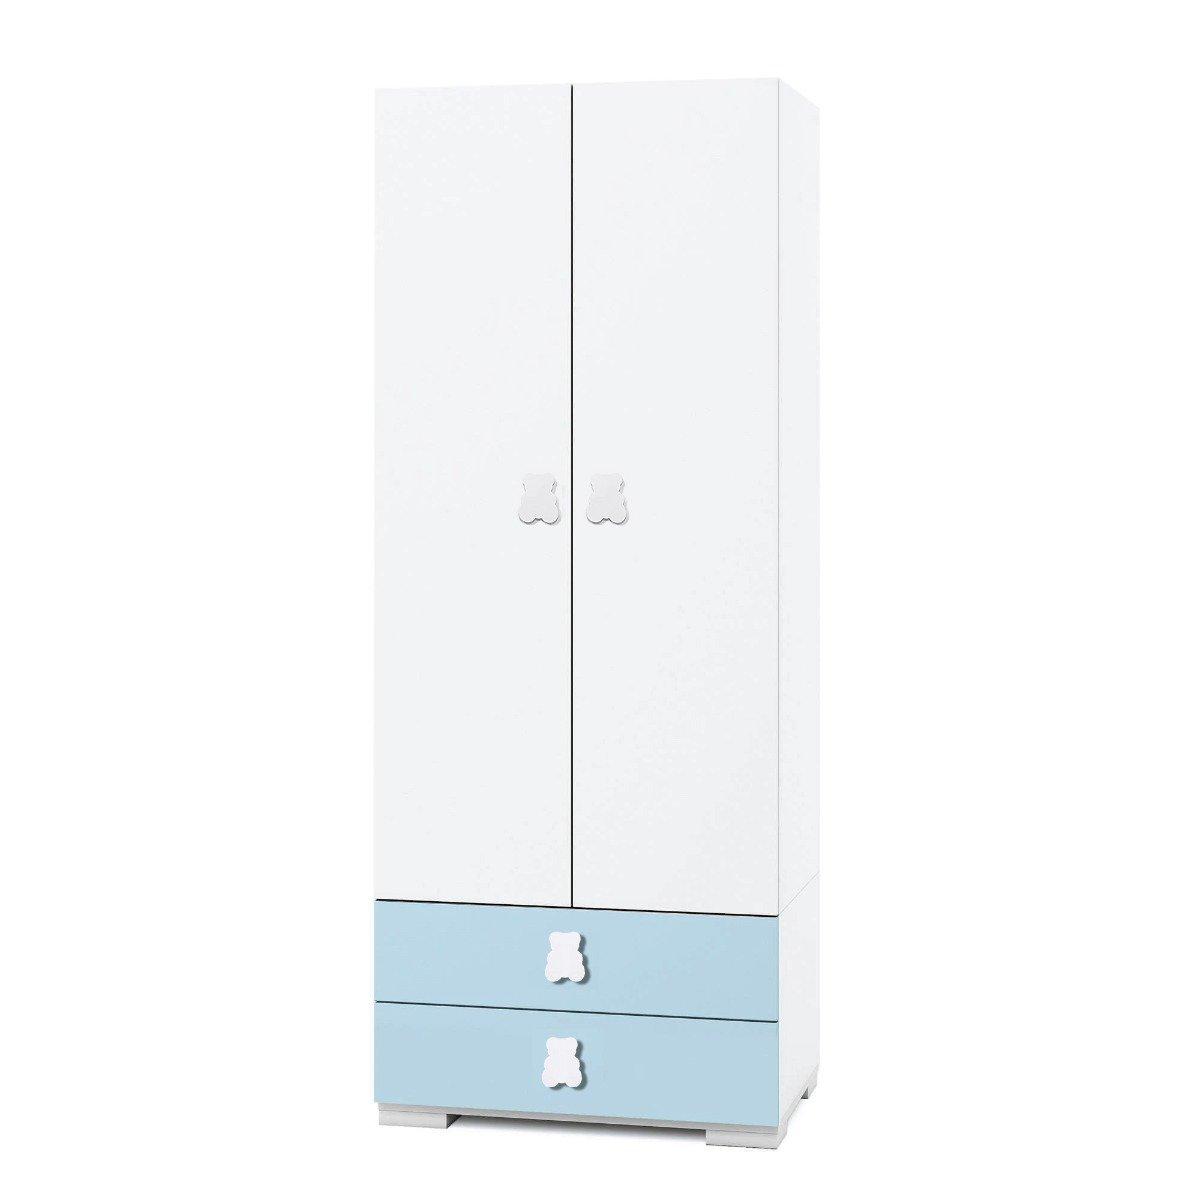 Dulap Home Concept, Bleu, 2 usi + 2 sertare imagine